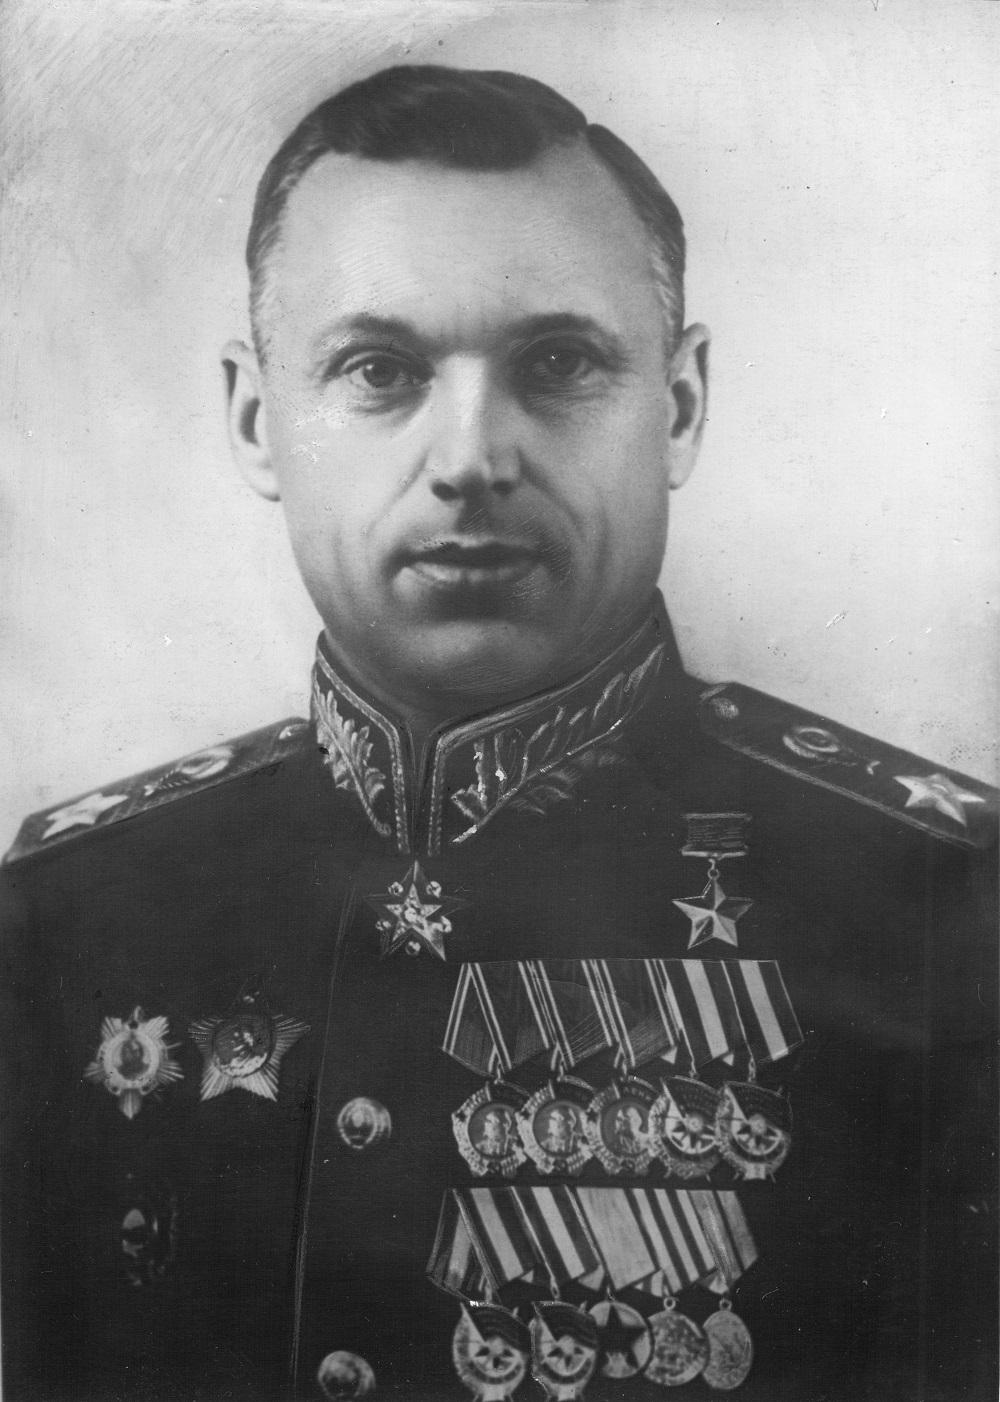 Маршал Советского Союза К.К. Рокоссовский, 1945 год.jpg